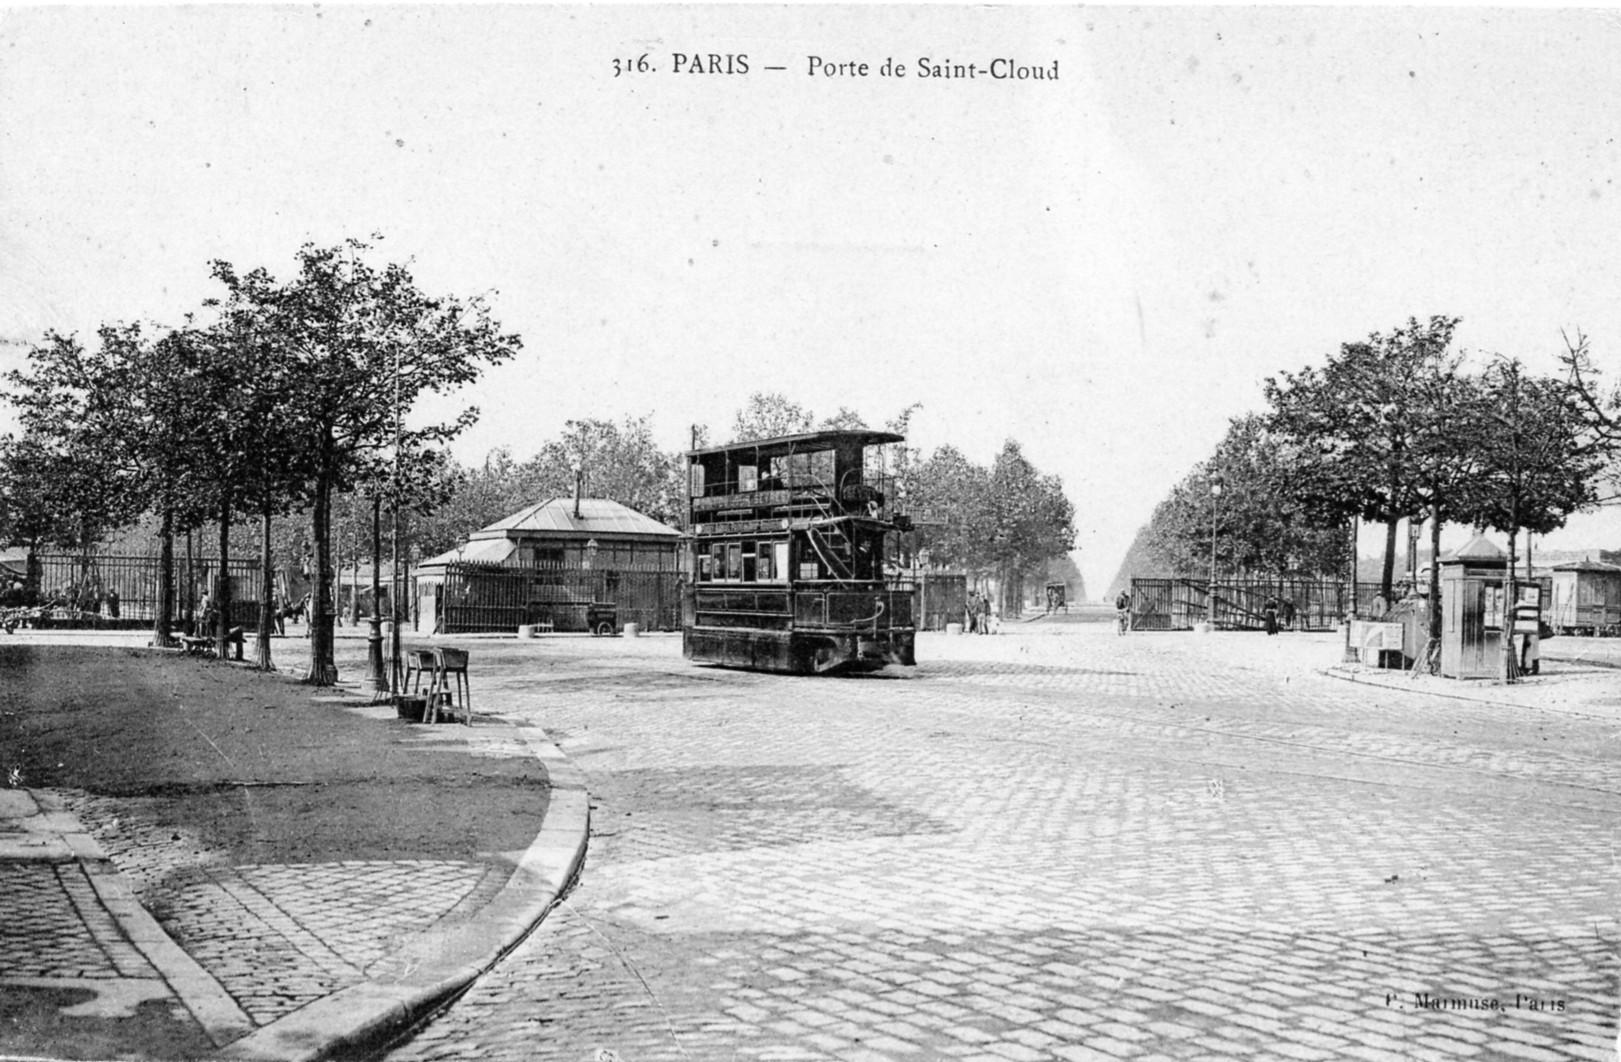 File tramway m karski air comprim porte de saint cloud wikimedia commons - Porte de saint cloud restaurant ...